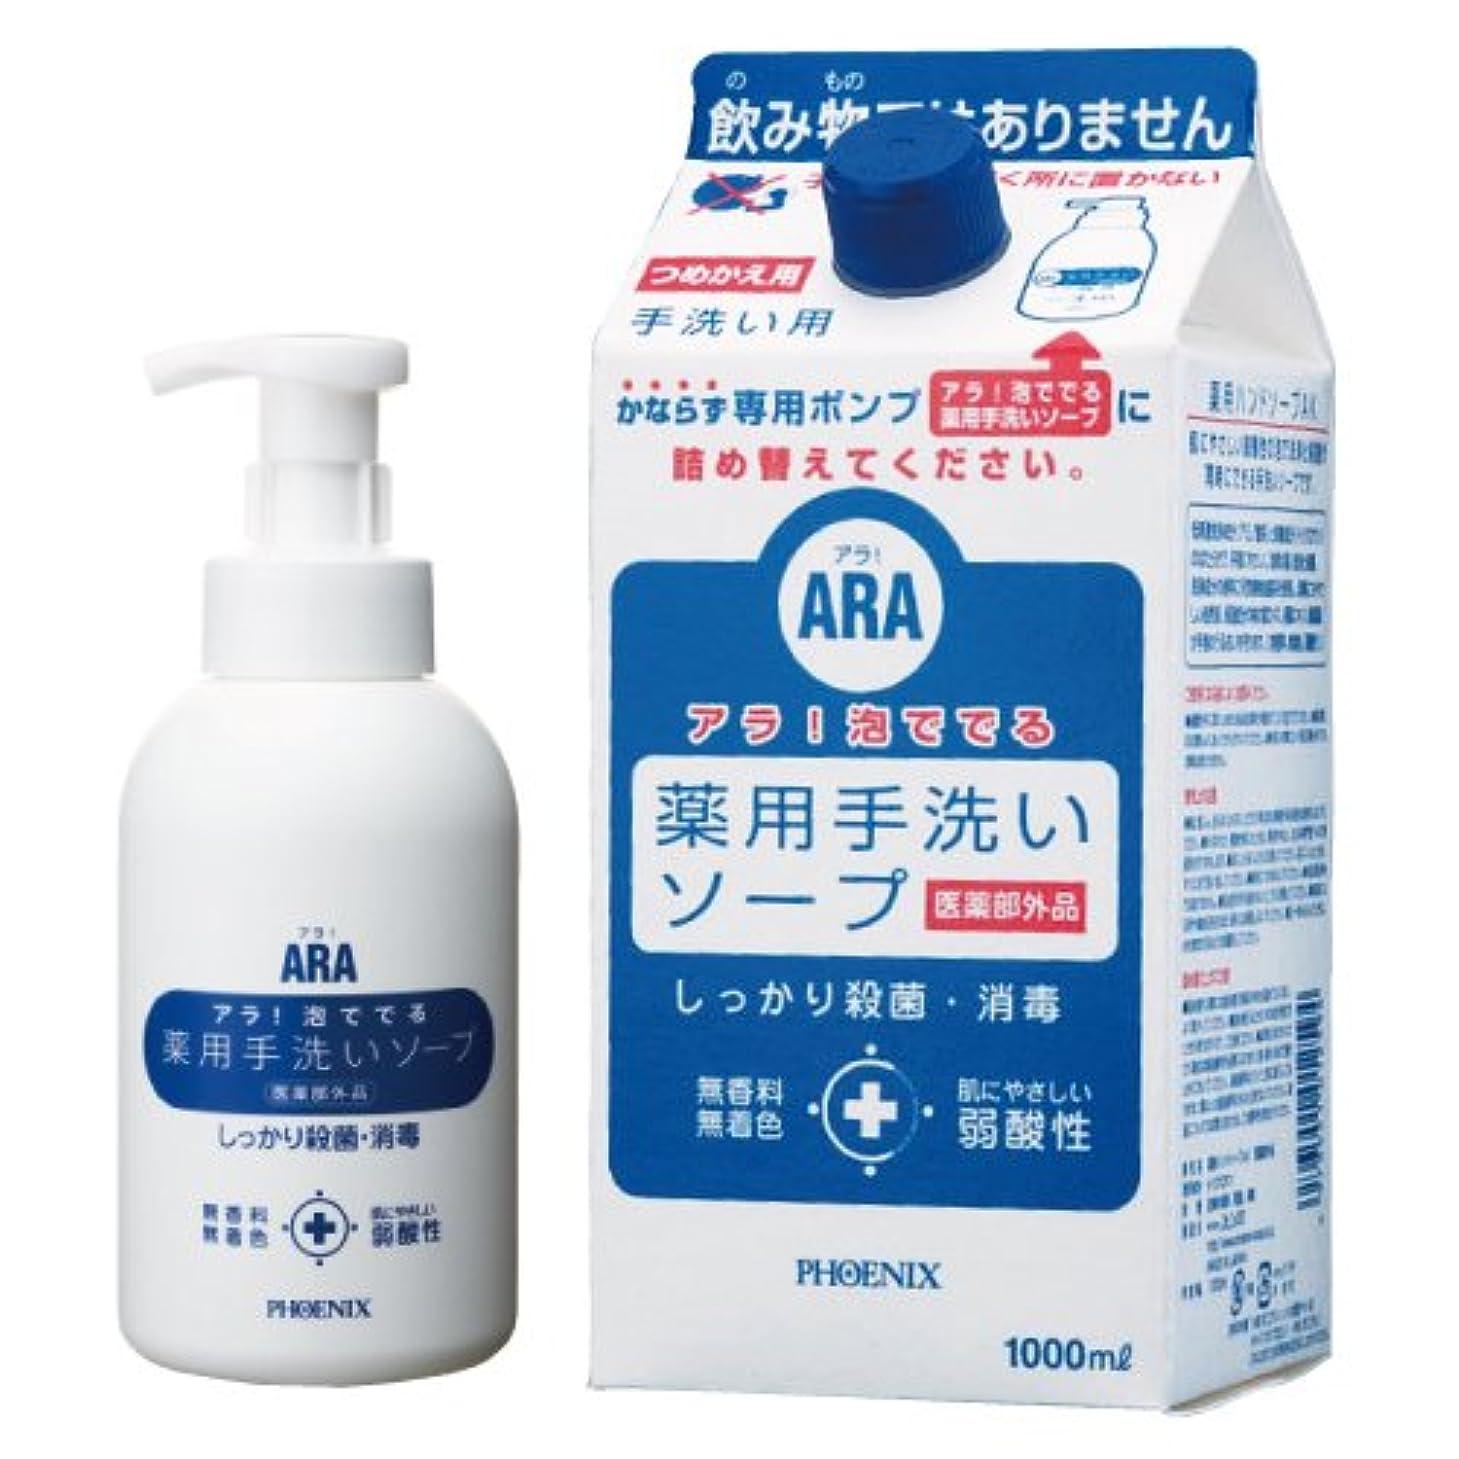 アラ!泡ででる薬用手洗いソープ(詰替1LX12?????????????????????(23-2870-01)